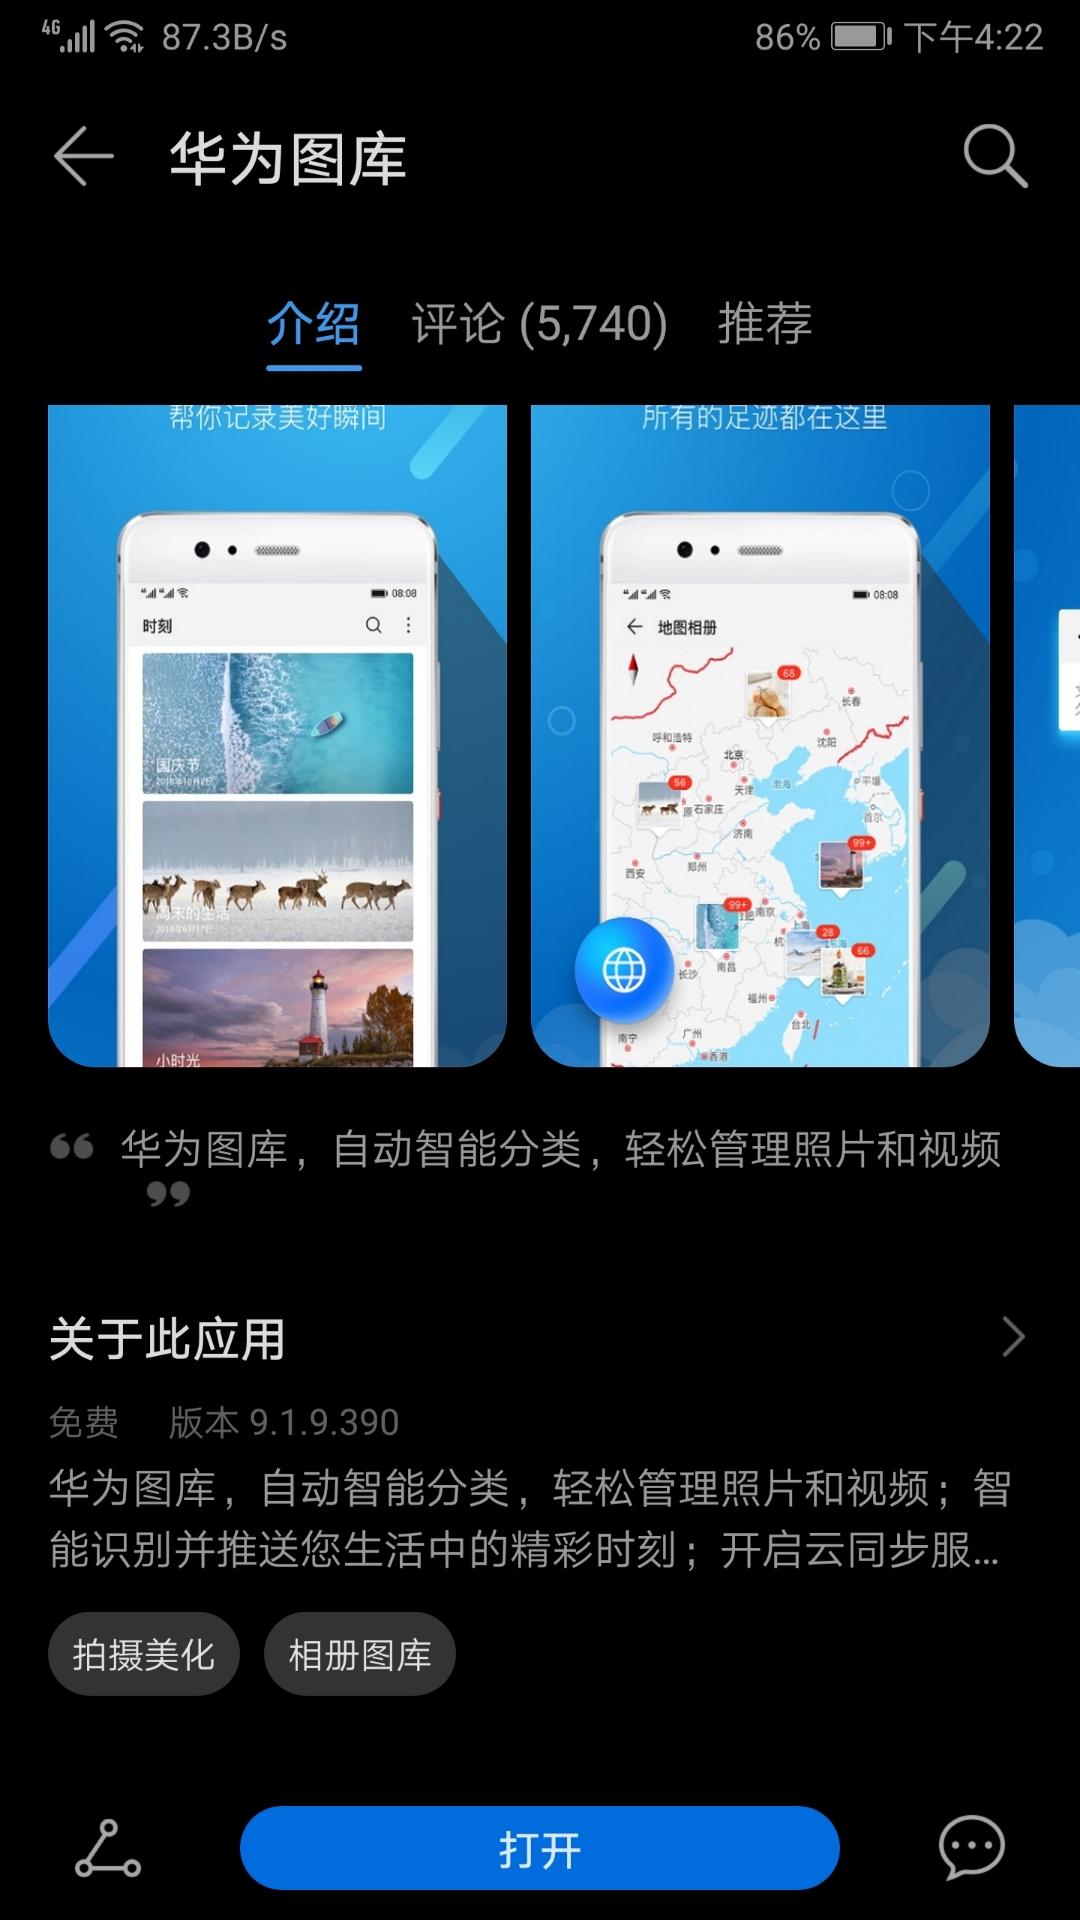 Screenshot_20210301_162238_com.huawei.appmarket.jpg